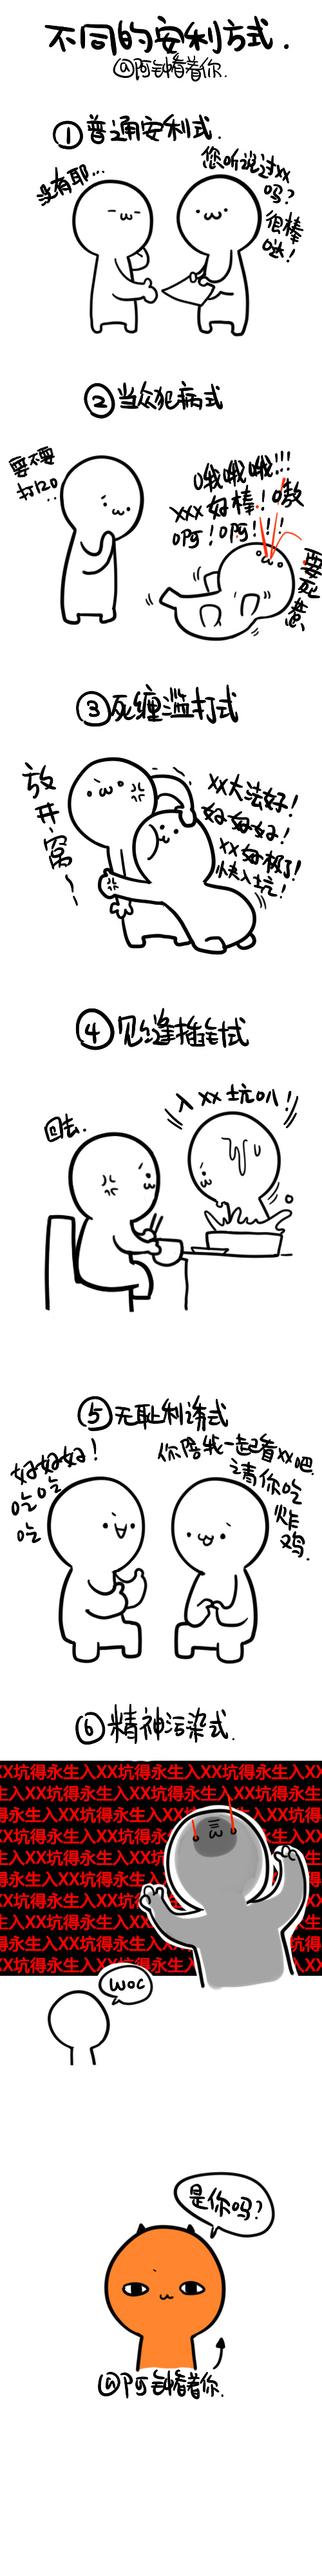 图毒生灵 和邪社 长图 (3)